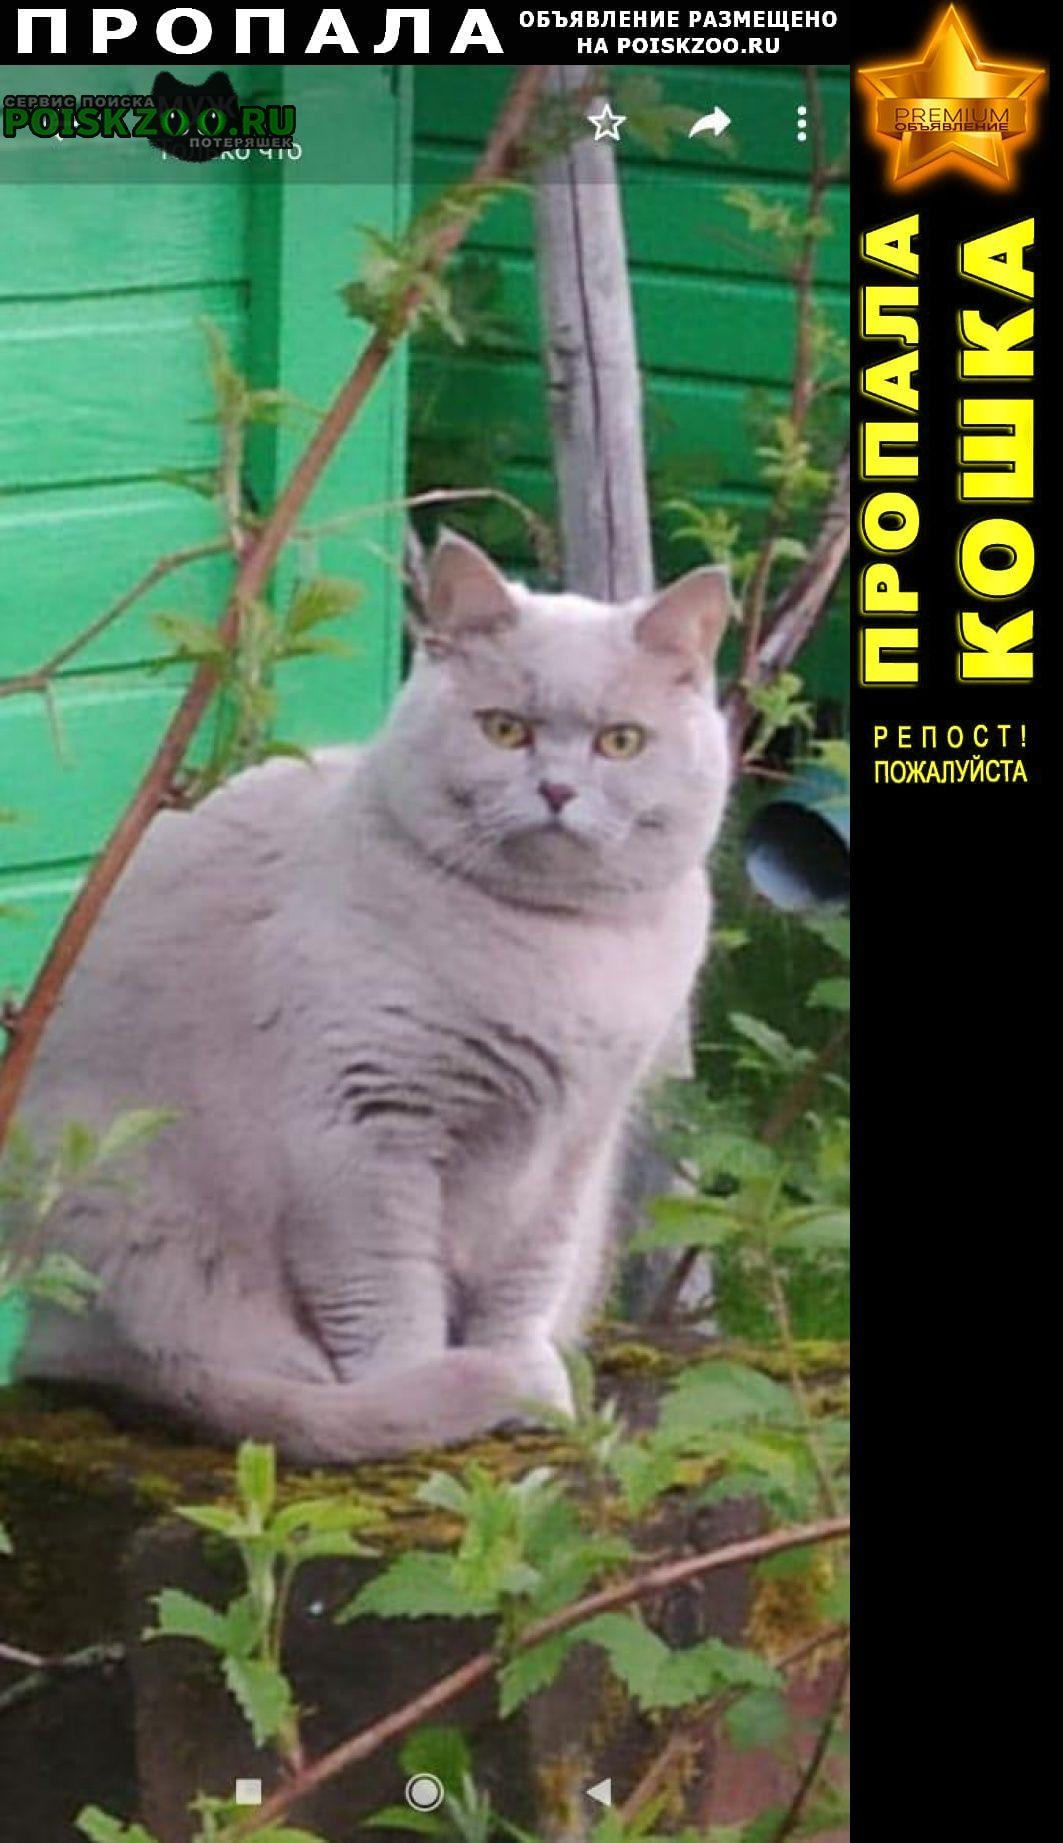 Пропала кошка тимоново. снт «заря» Солнечногорск